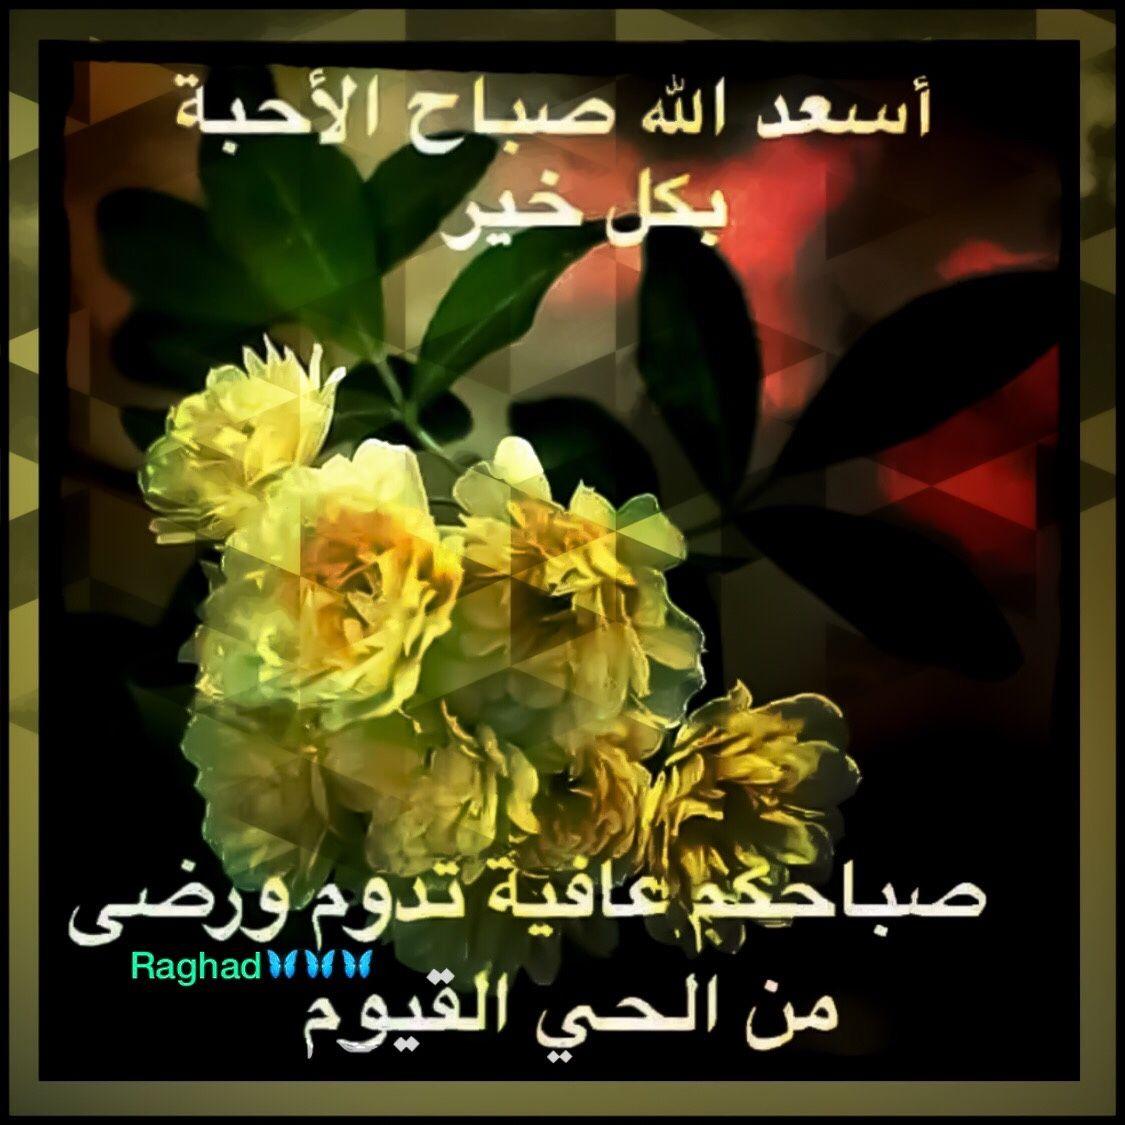 Desertrose ولسوف يعطيك رب ك فترضى حفظكم الله ورضي عنكم وأرضاكم Beautiful Blooms Desert Rose Good Morning